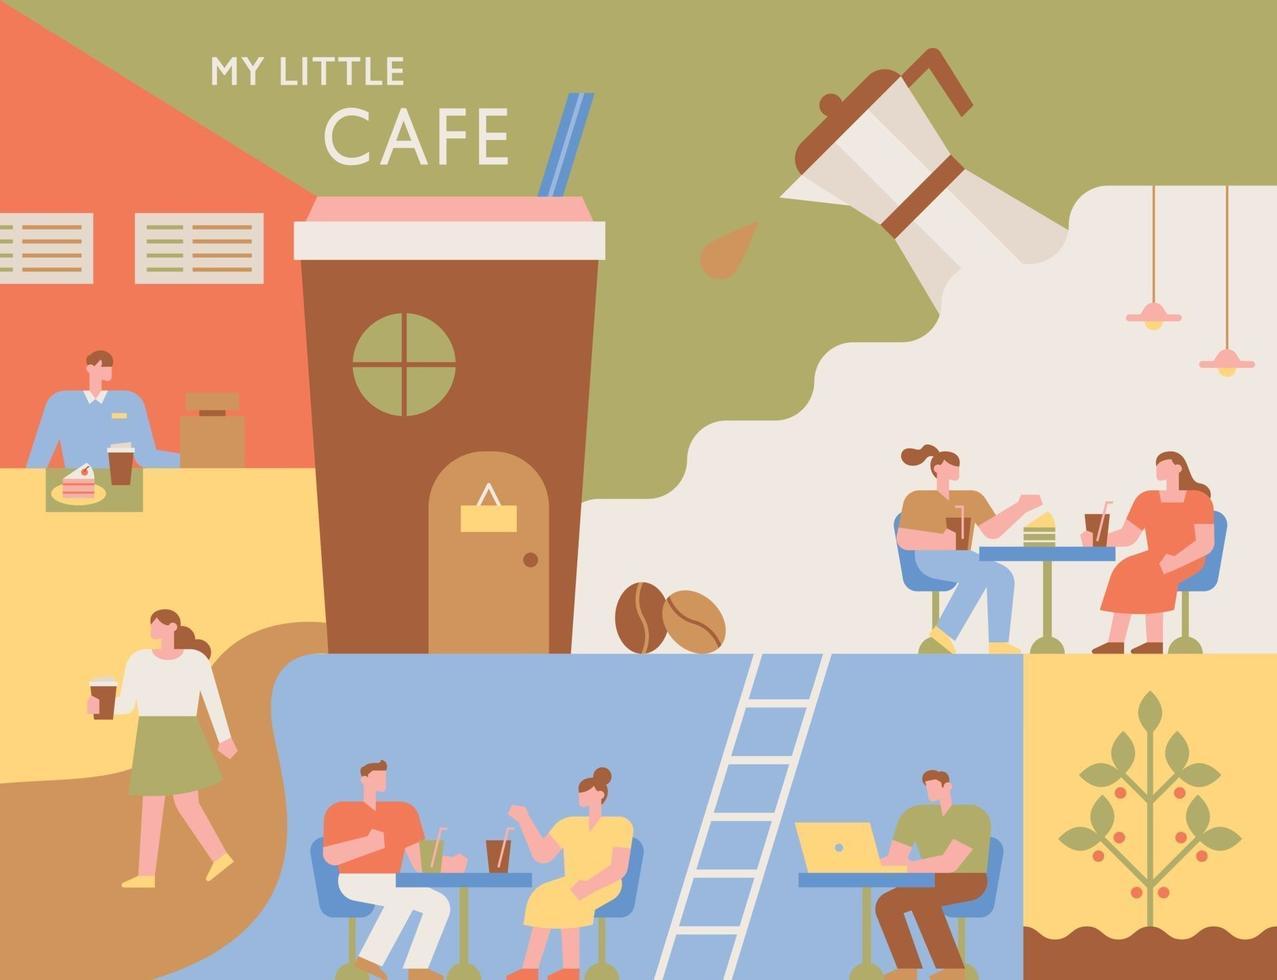 coffeeshop poster. interieur van een coffeeshop met verschillende lay-outs. mensen zitten aan tafel en drinken koffie. vector